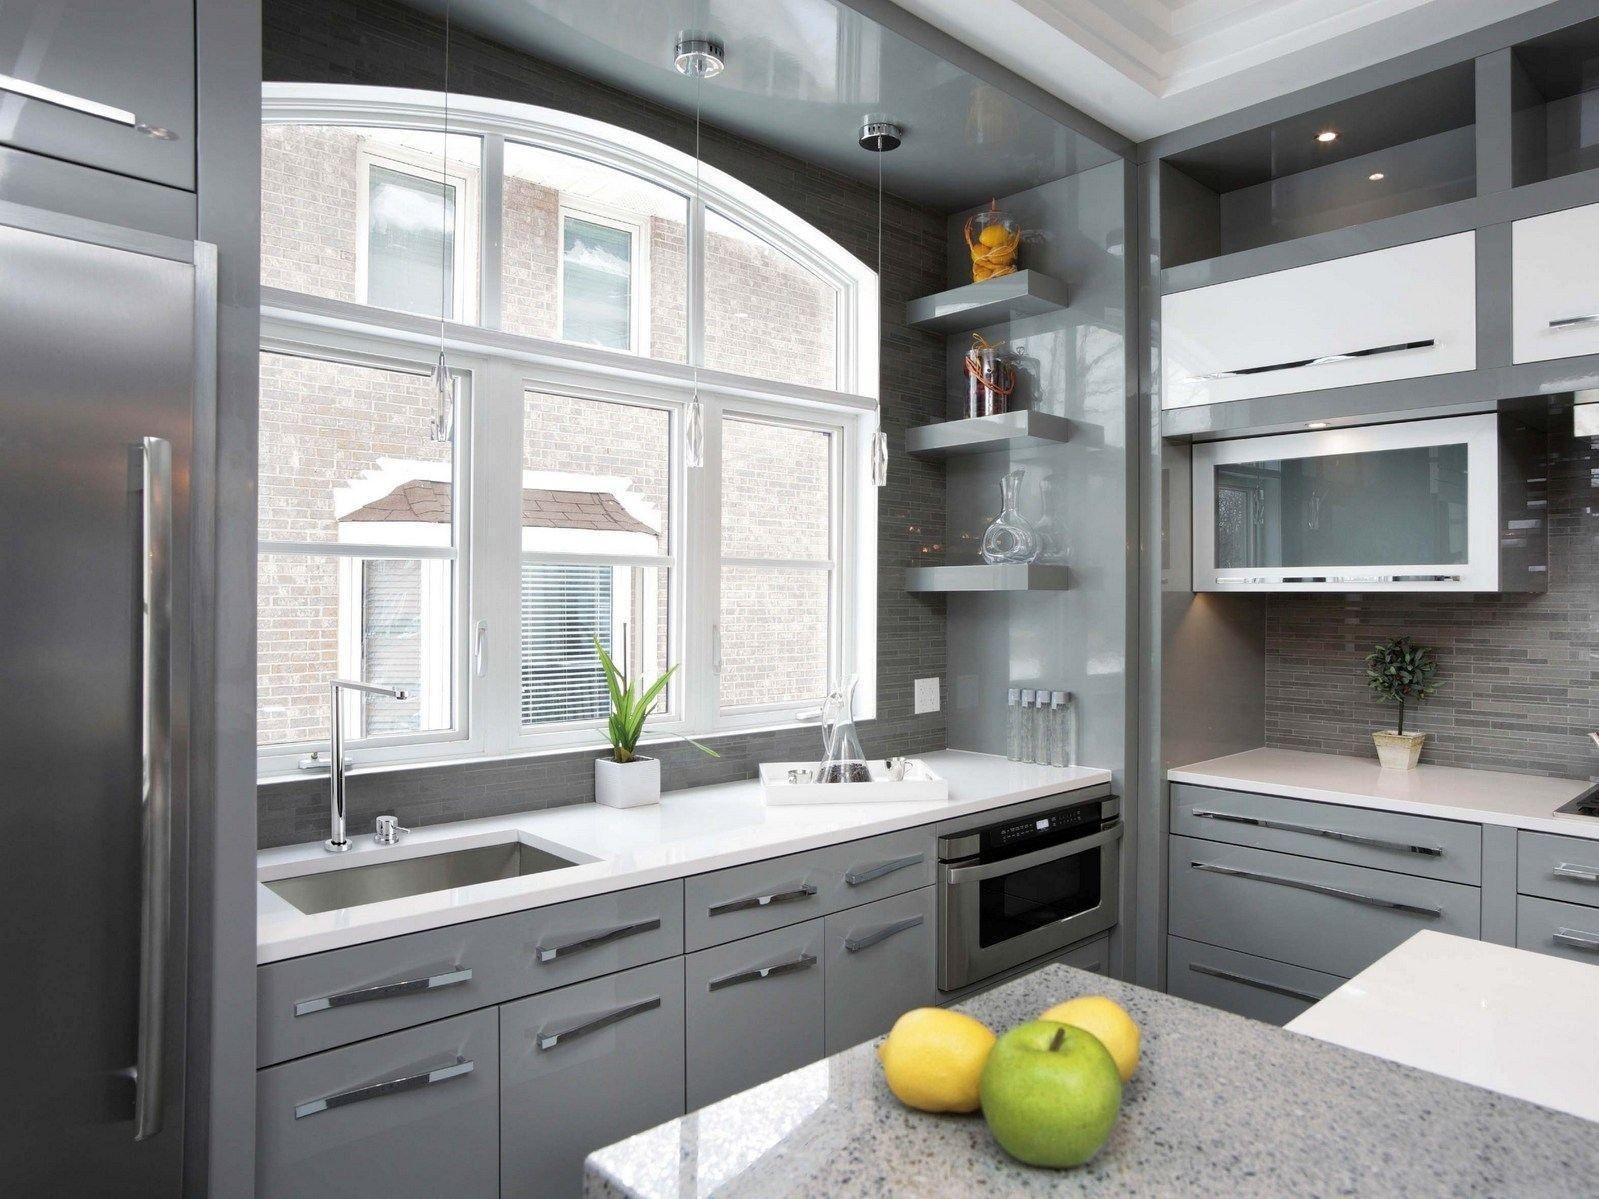 Soluzioni Salvaspazio Cucina : Soluzioni salvaspazio ed ergonomiche per la cucina